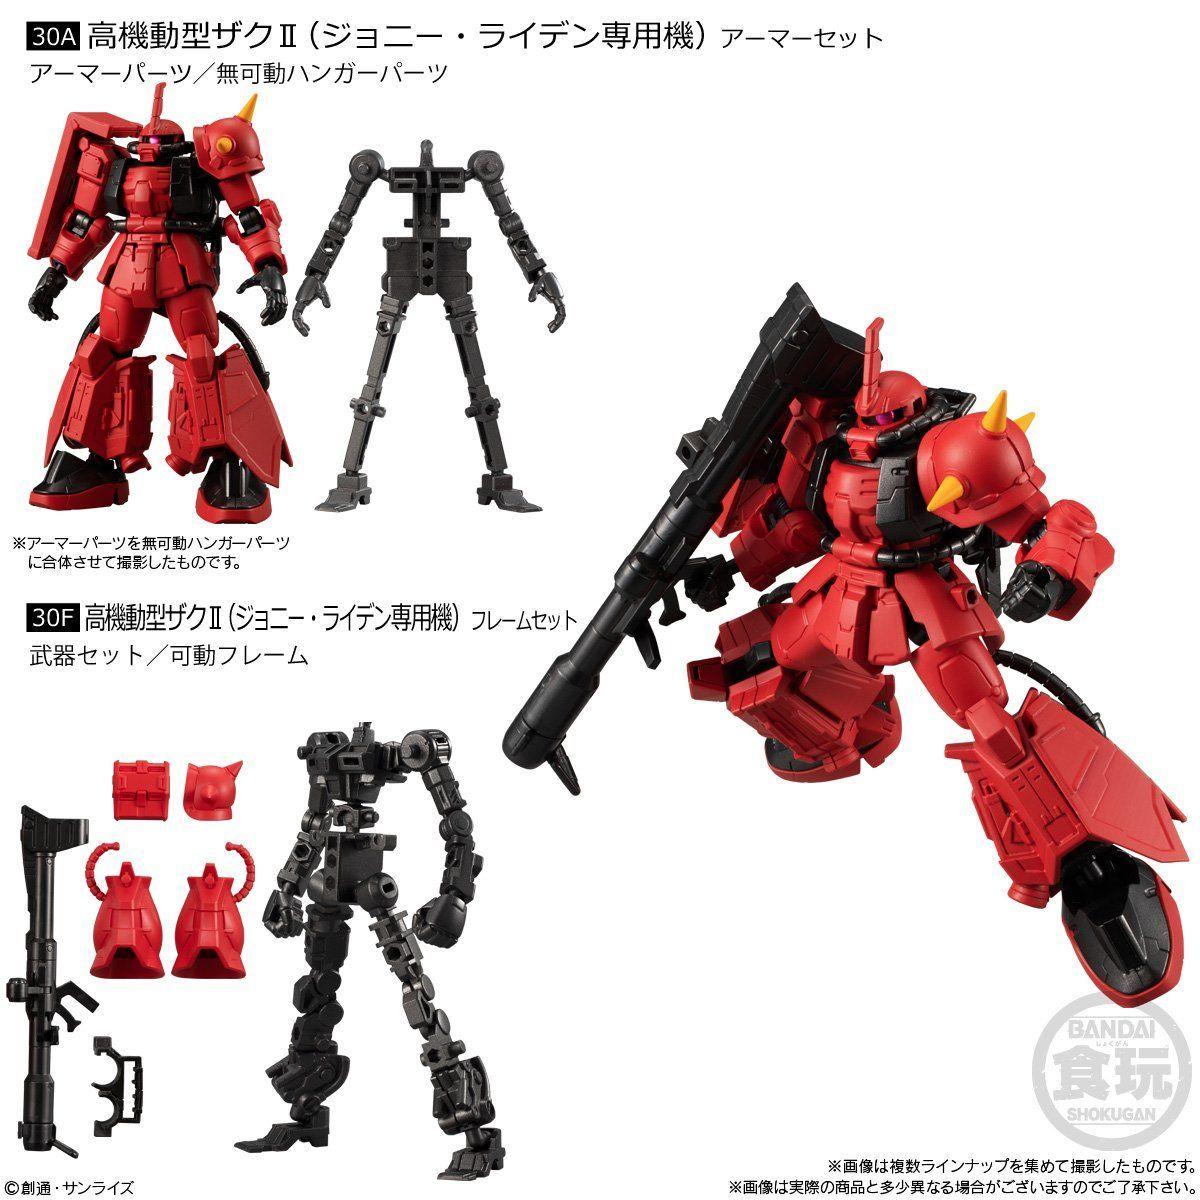 【食玩】機動戦士ガンダム『Gフレーム10』可動フィギュア 10個入りBOX-004